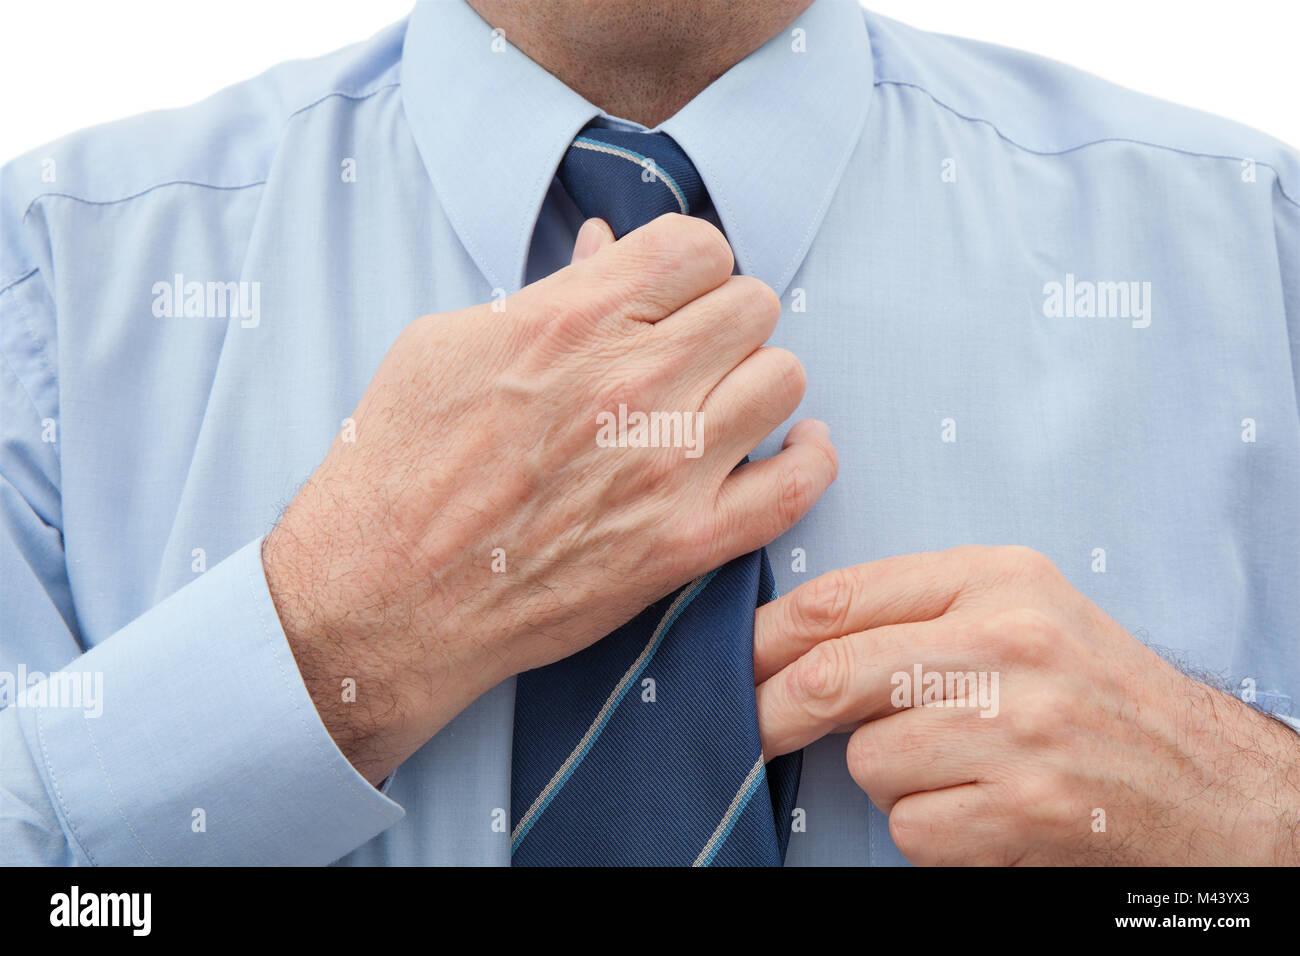 Geschäftsmann mit einem blauen Hemd einstellen eine gestreifte blaue Krawatte an seinem Hals Stockbild